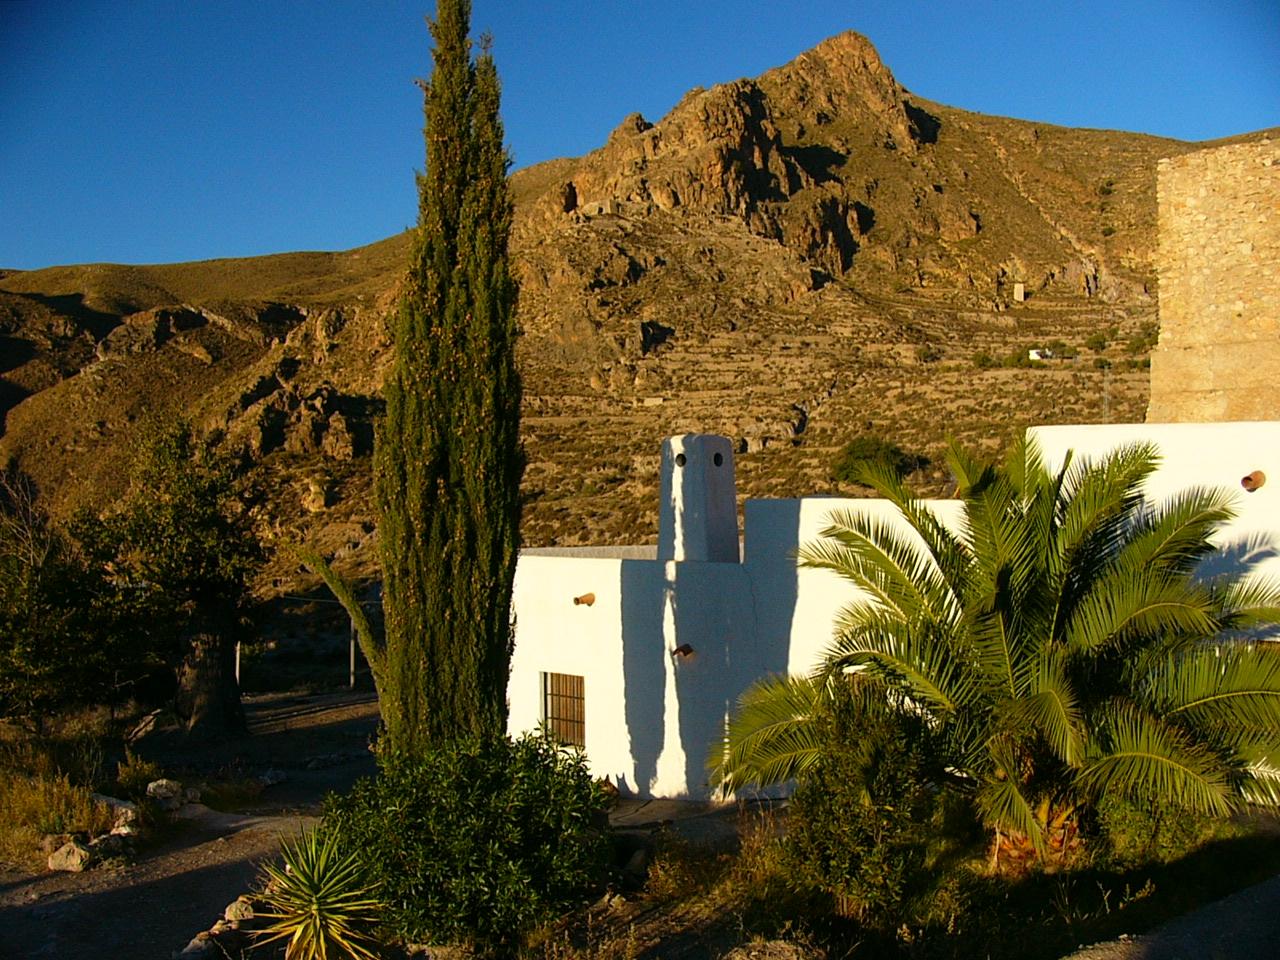 Ehemalige alte Wassermühle in Andalusien mit Meerblick und eigenen Wasserrechten – Erfüllung südlicher Sehnsüchte!